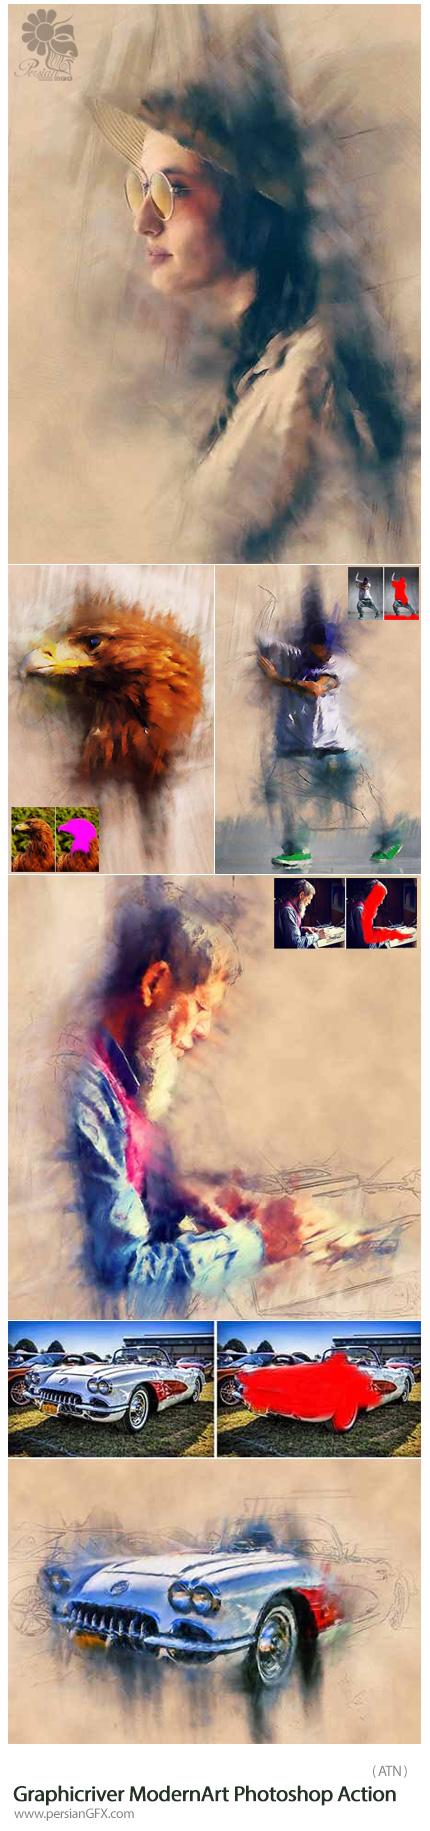 دانلود اکشن ایجاد افکت نقاشی آبرنگی از گرافیک ریور - Graphicriver ModernArt Photoshop Action